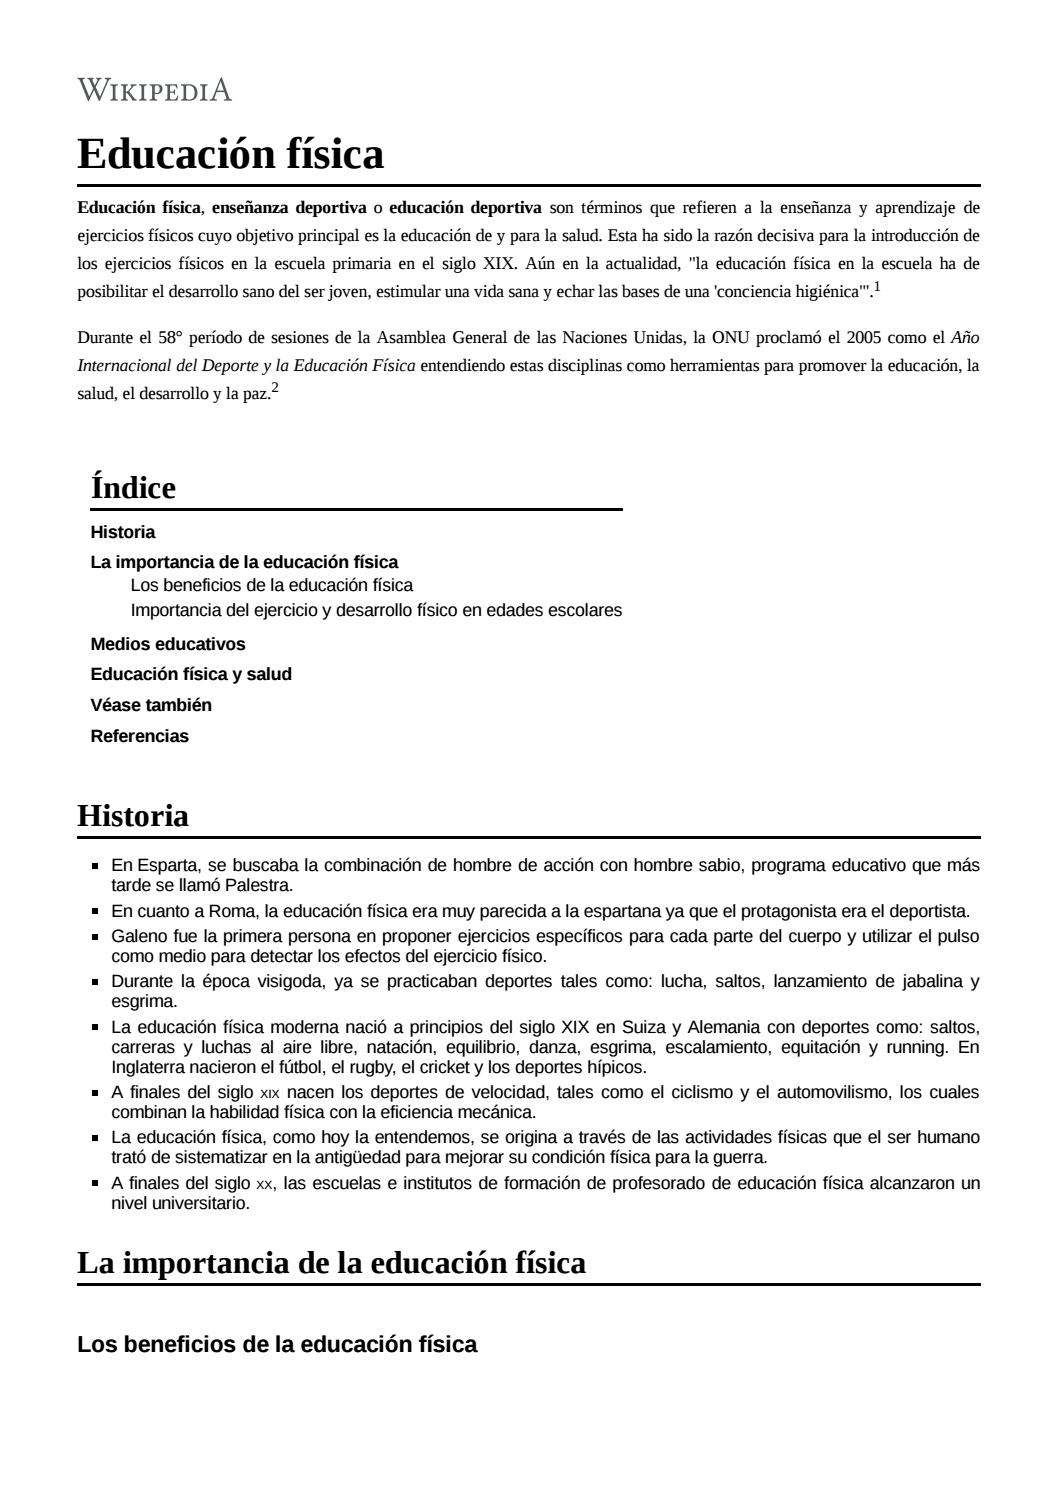 Historia De La Educación Física By Rodrigo ávila Rol Issuu